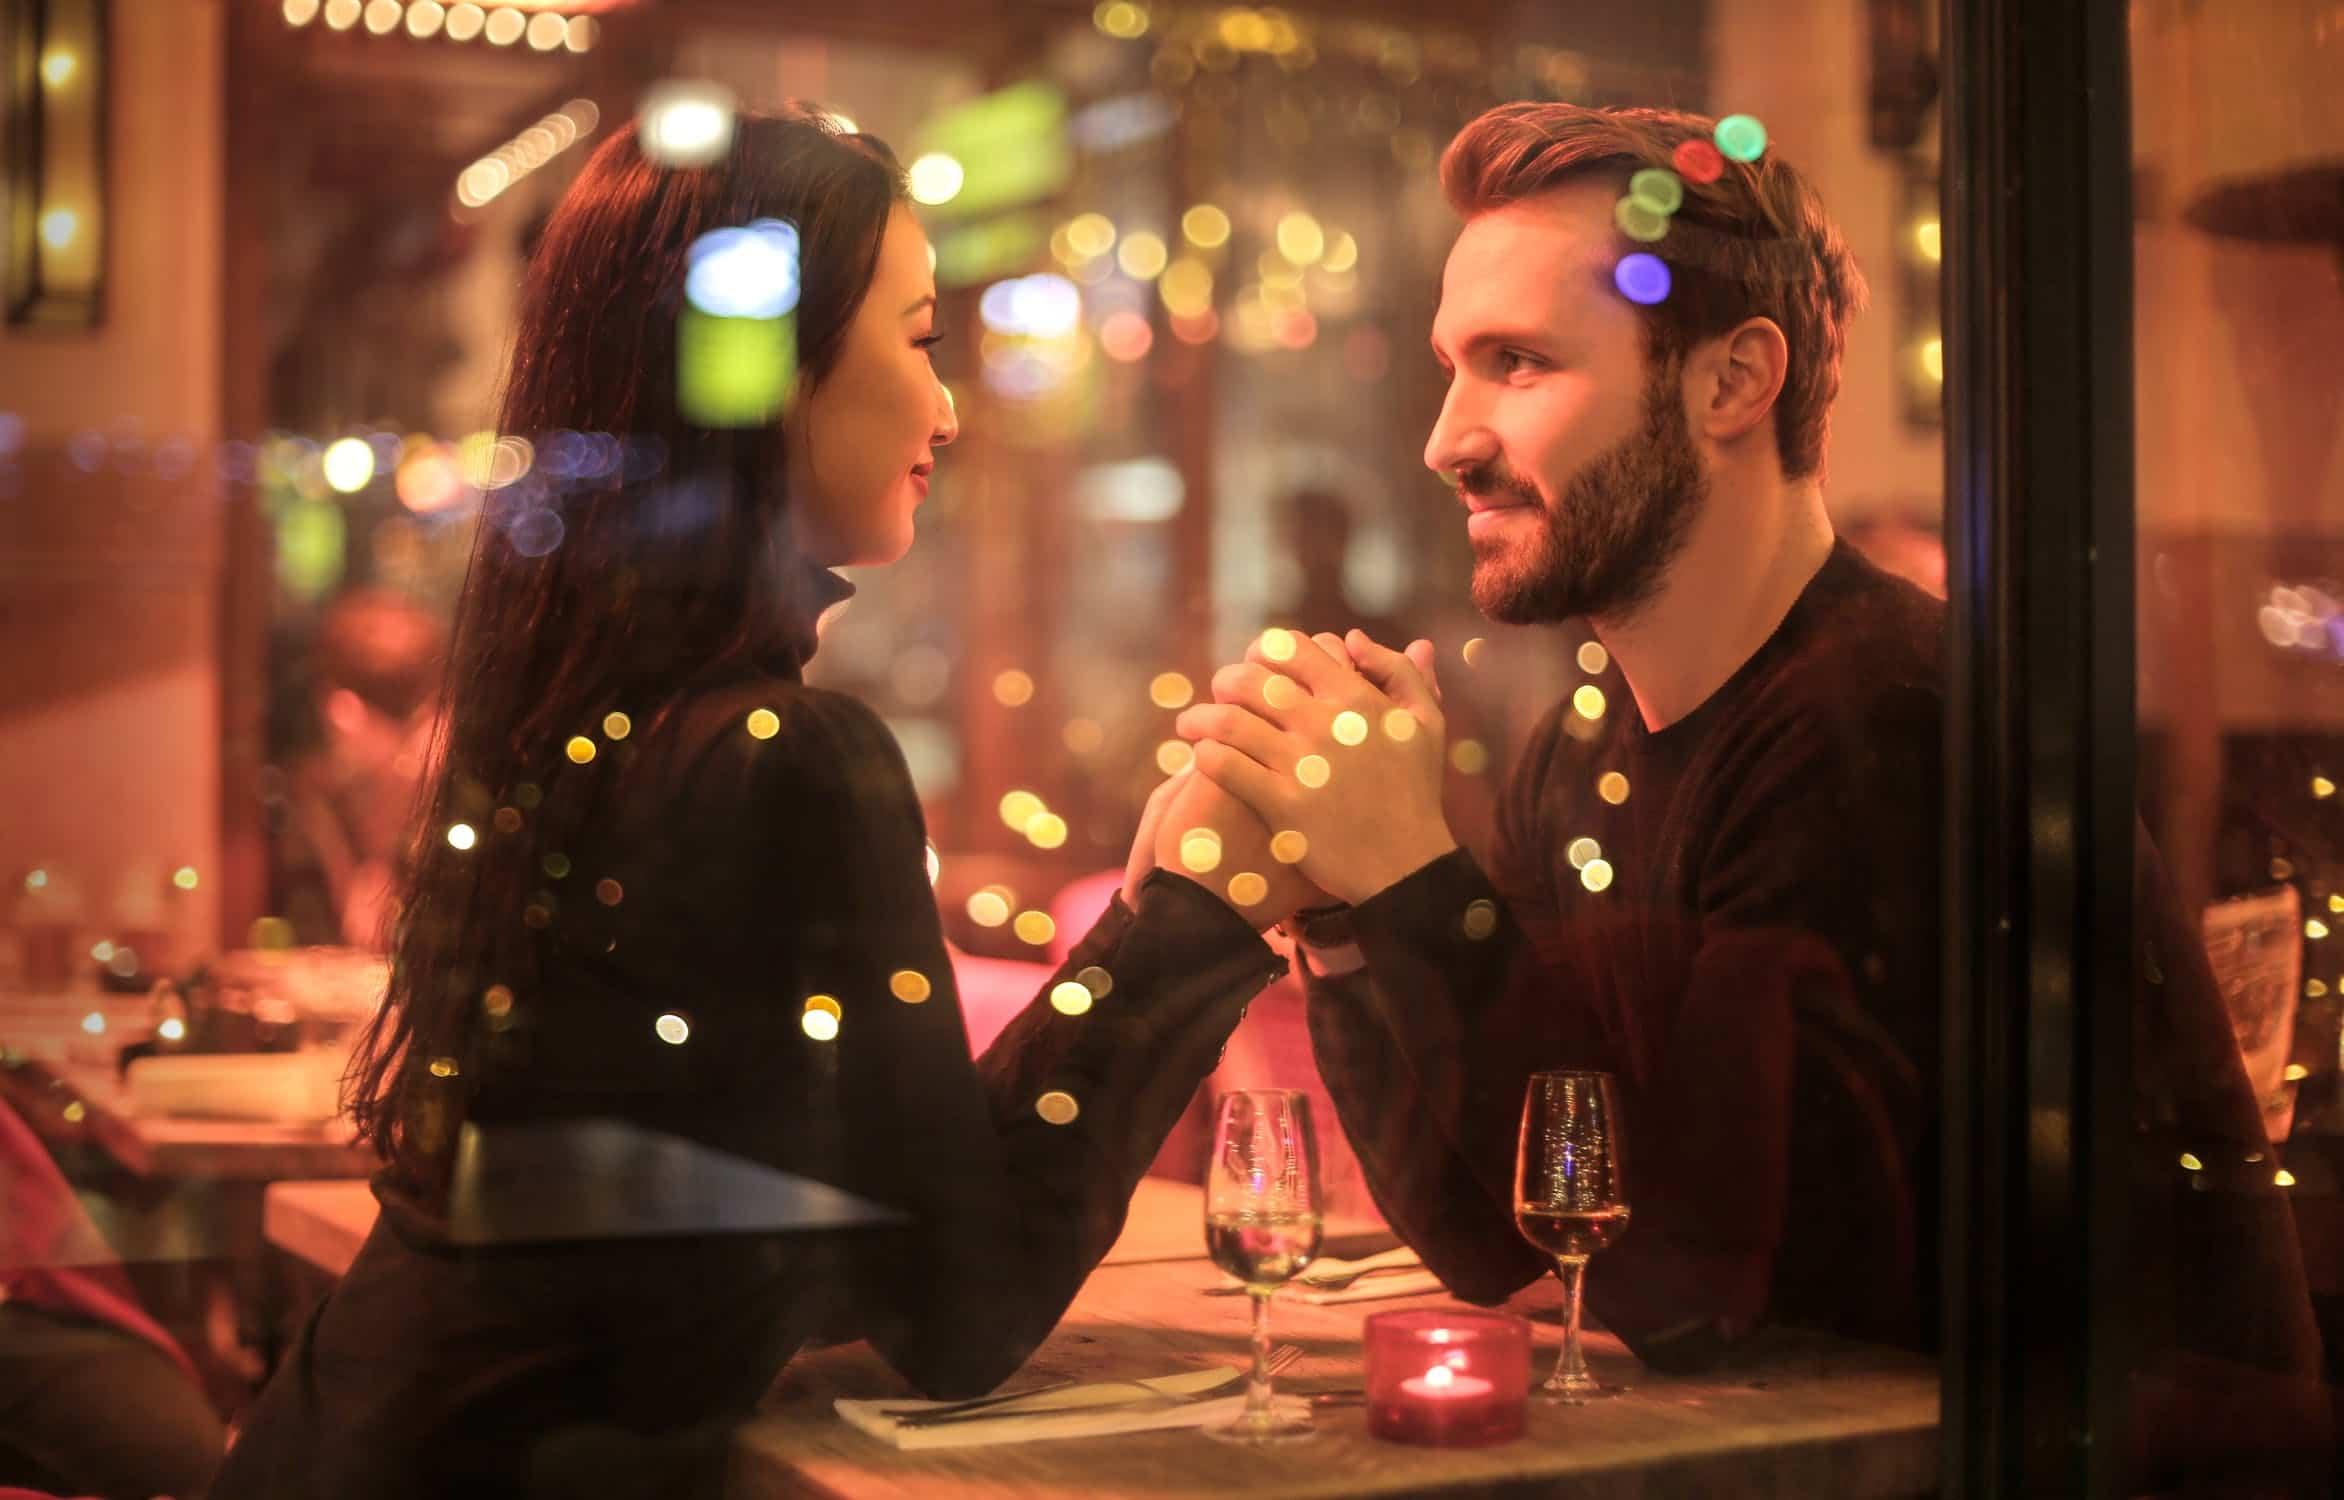 15 billige date ideer – Find inspiration her!